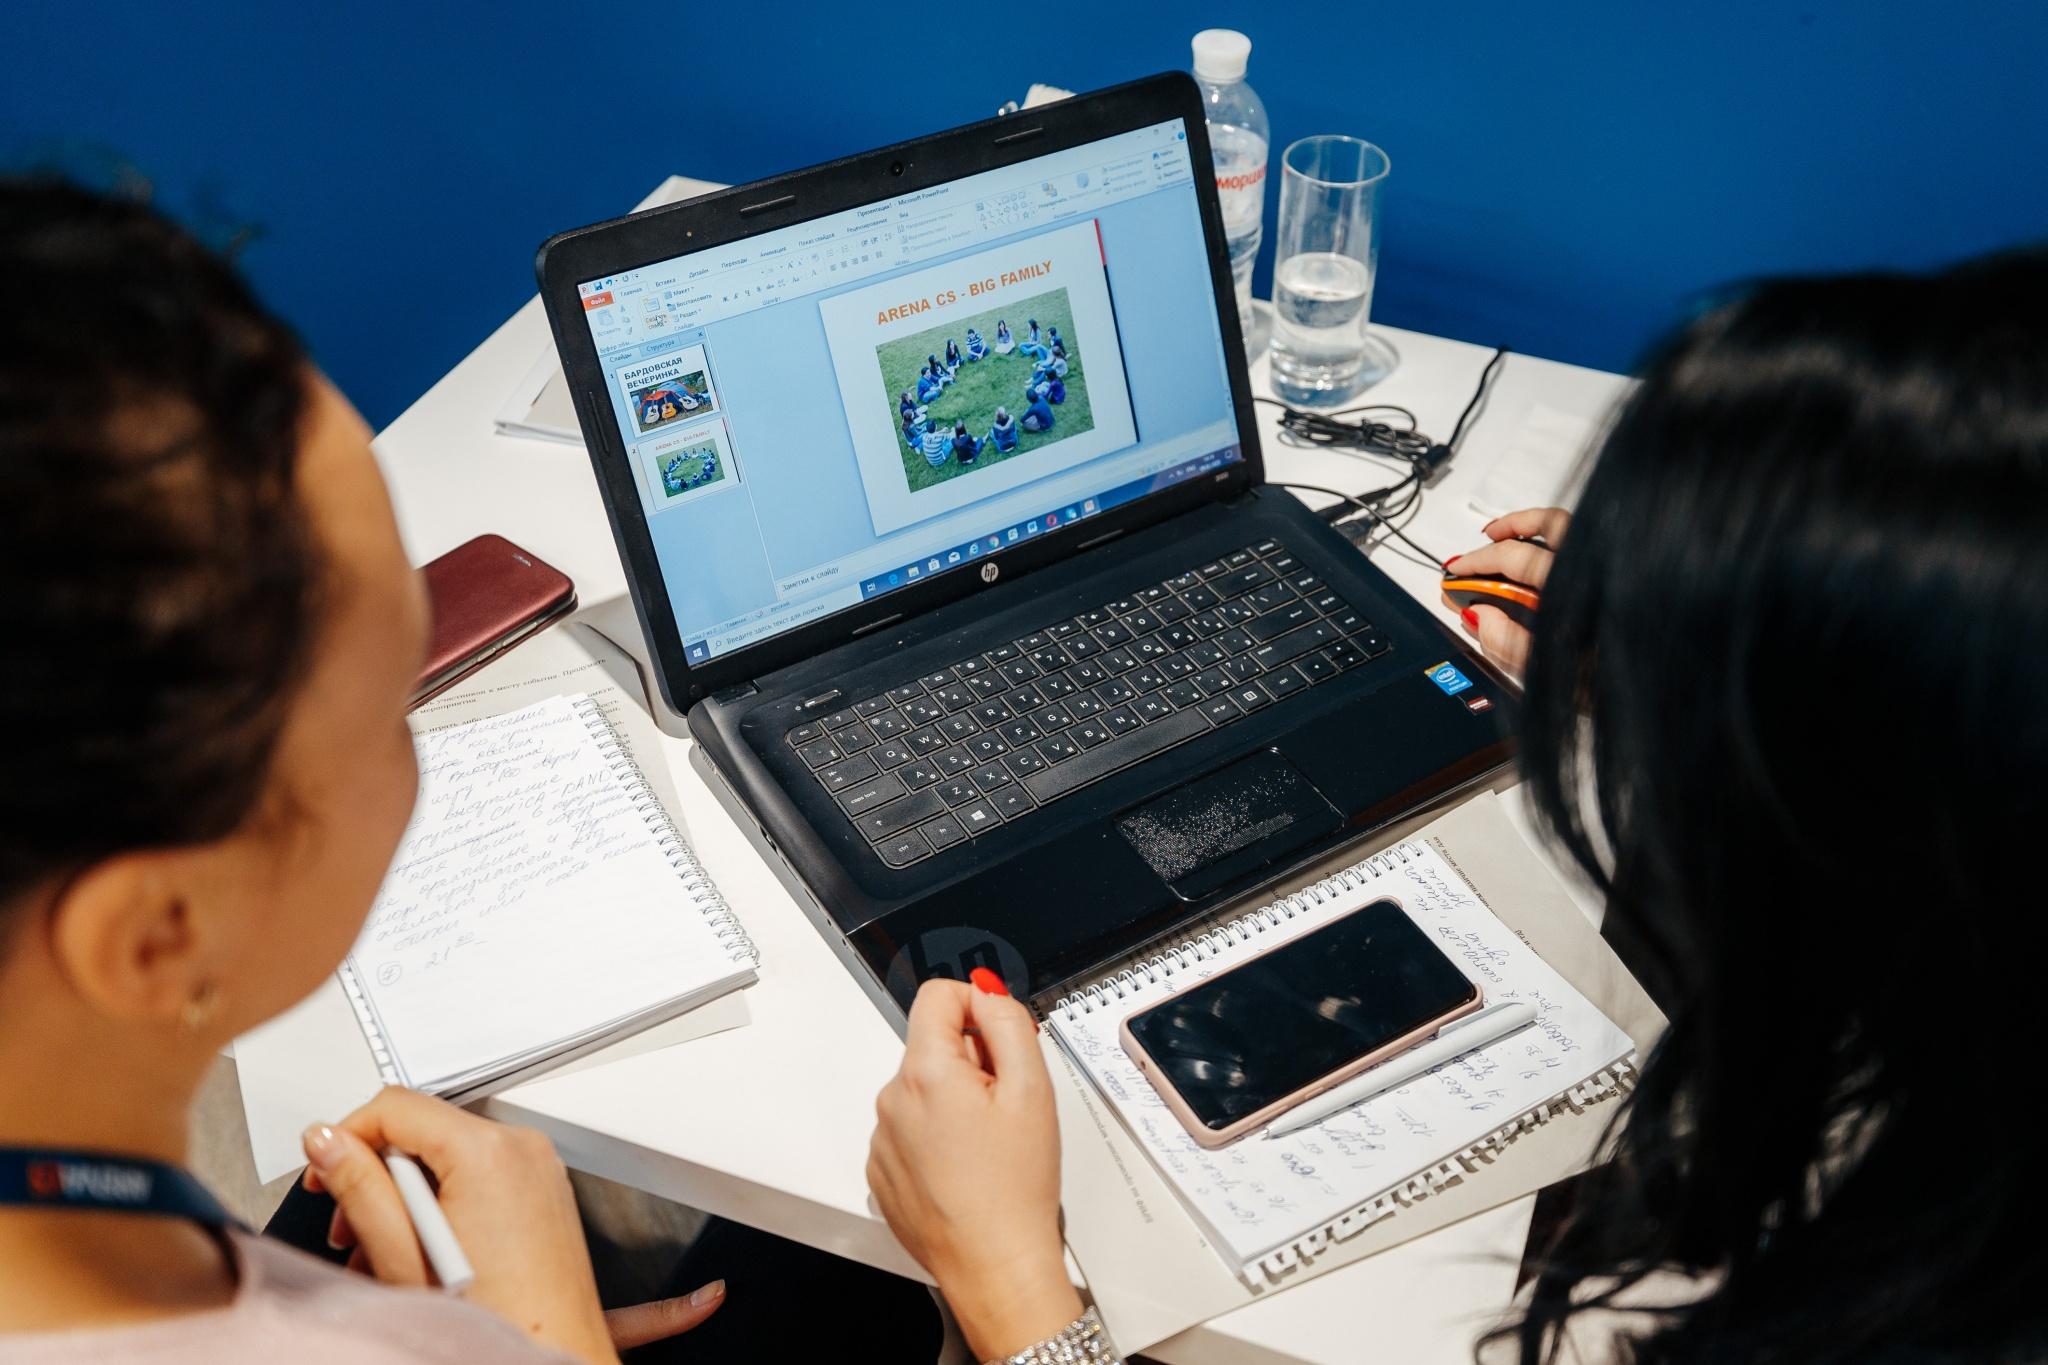 Організація свят курси: круті digital-інструменти